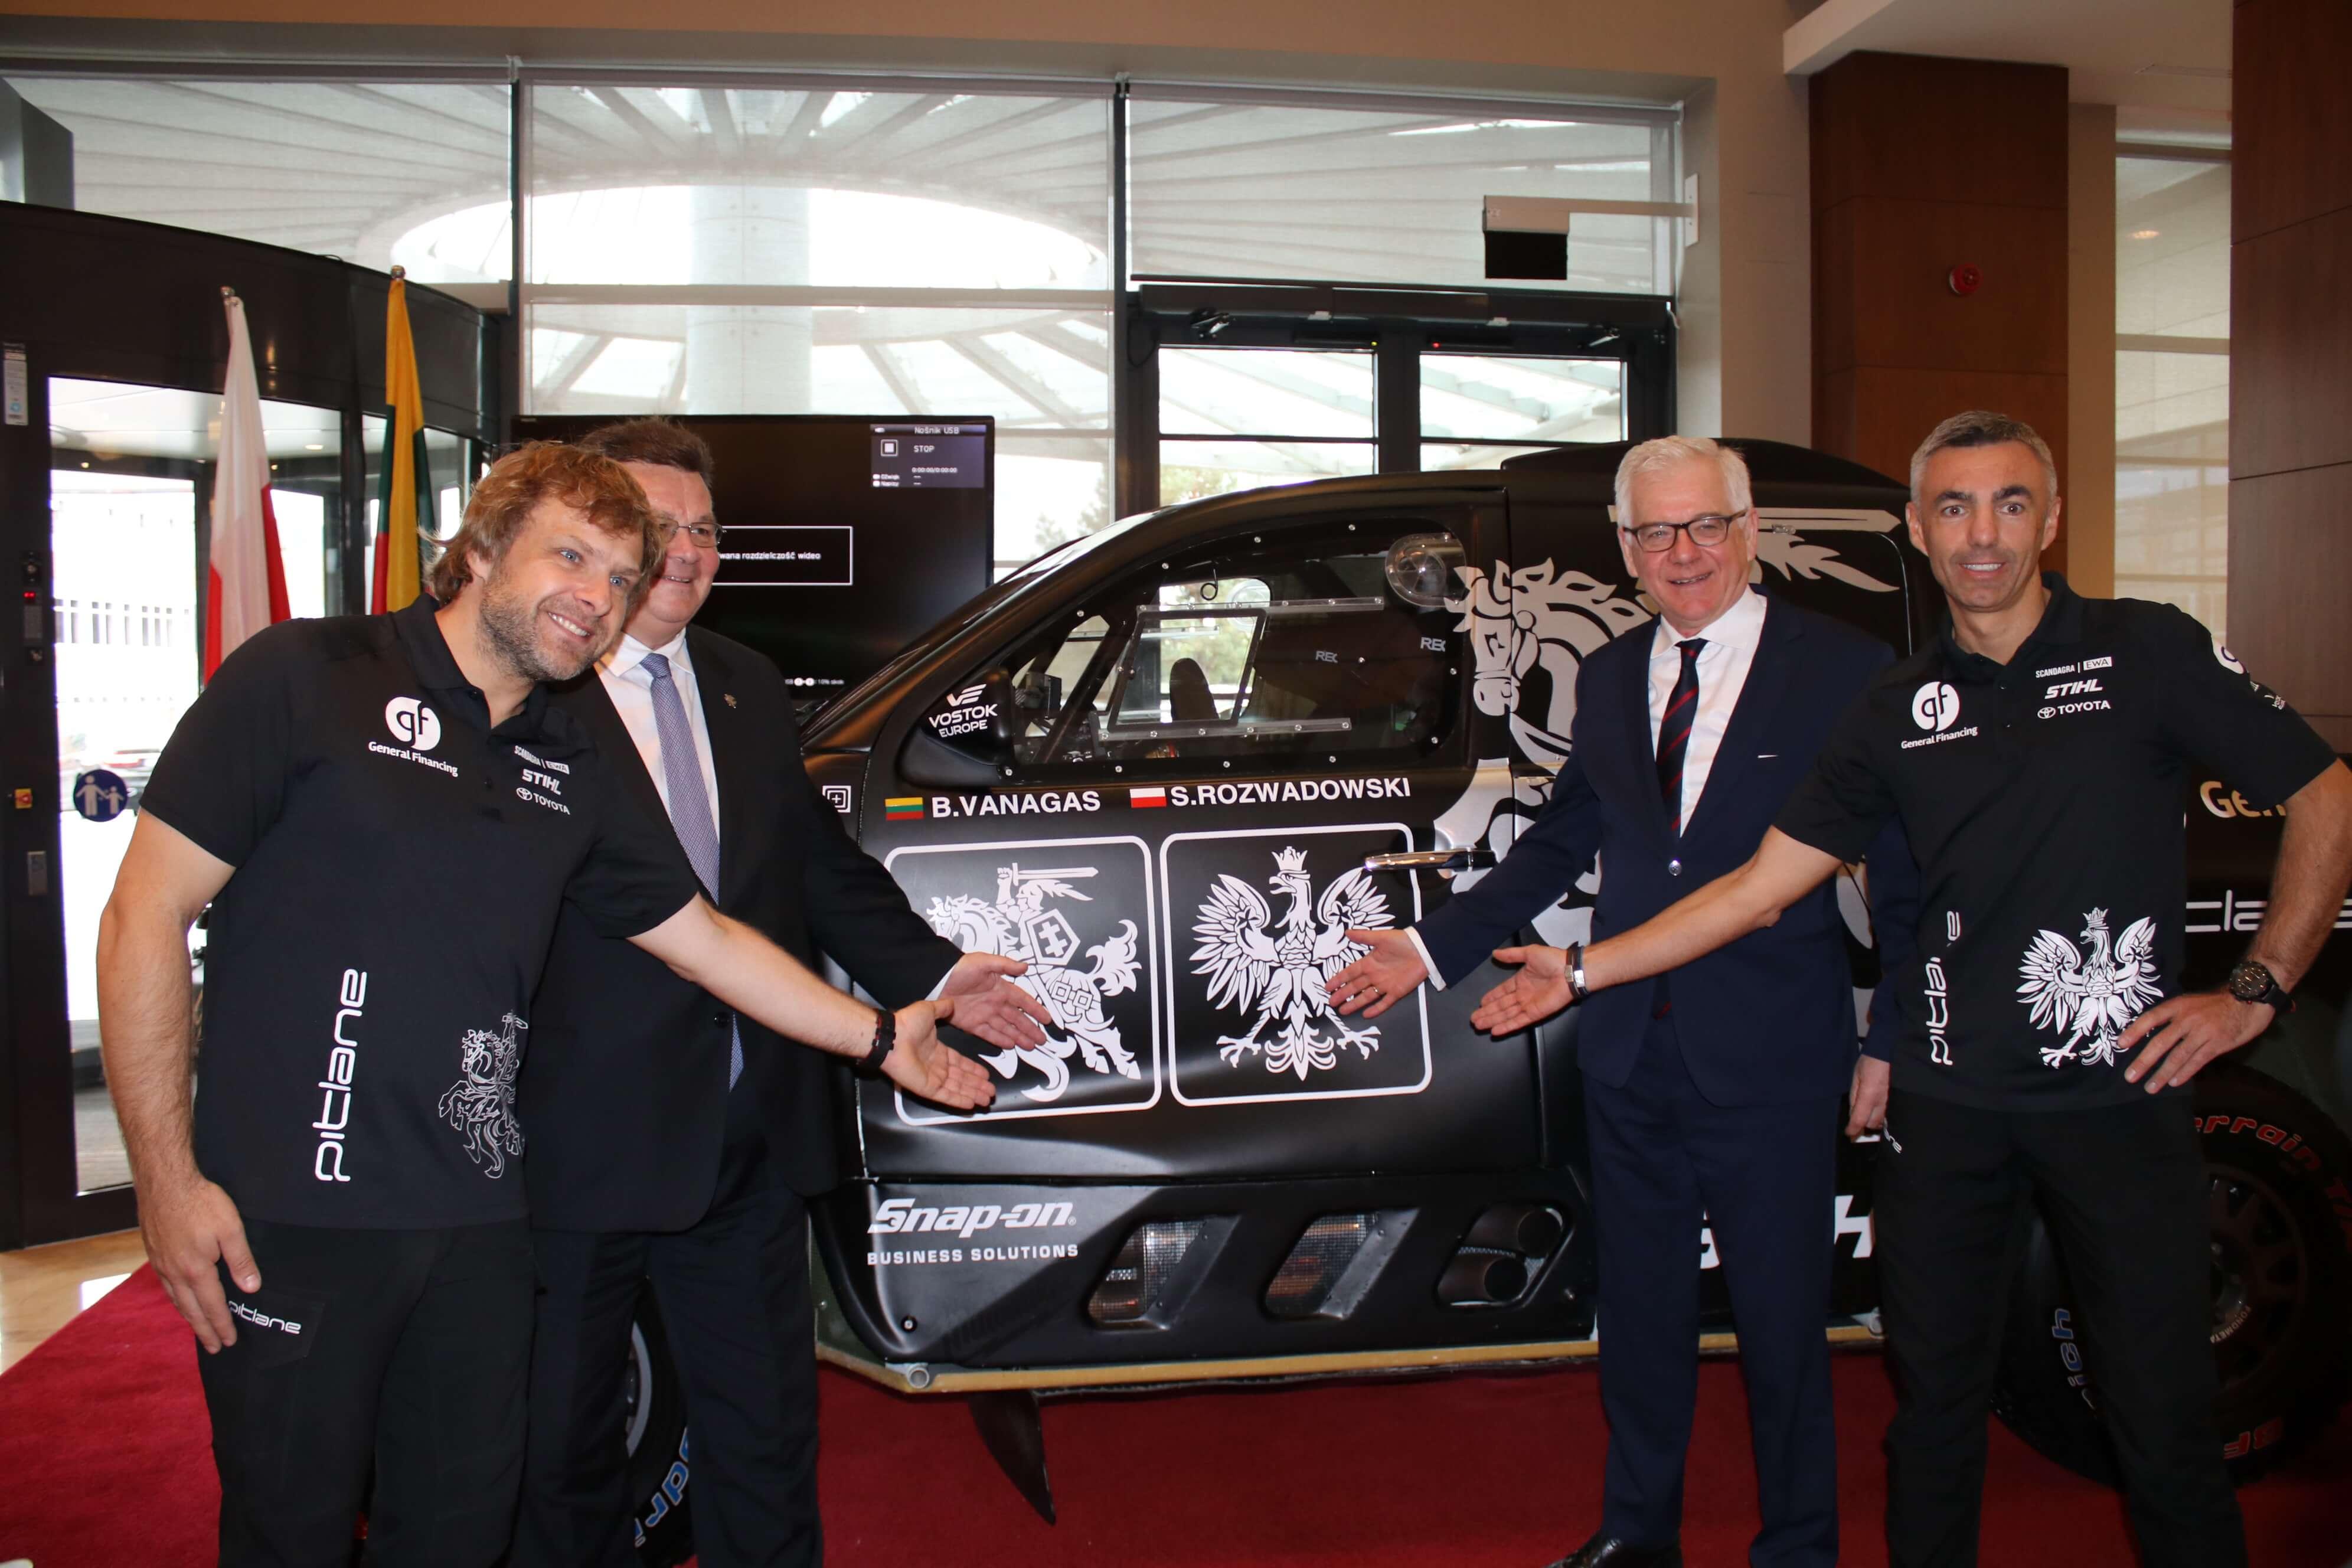 Litewsko-polski duet prezentuje swój samochód rajdowy na Rajd Dakar 2019